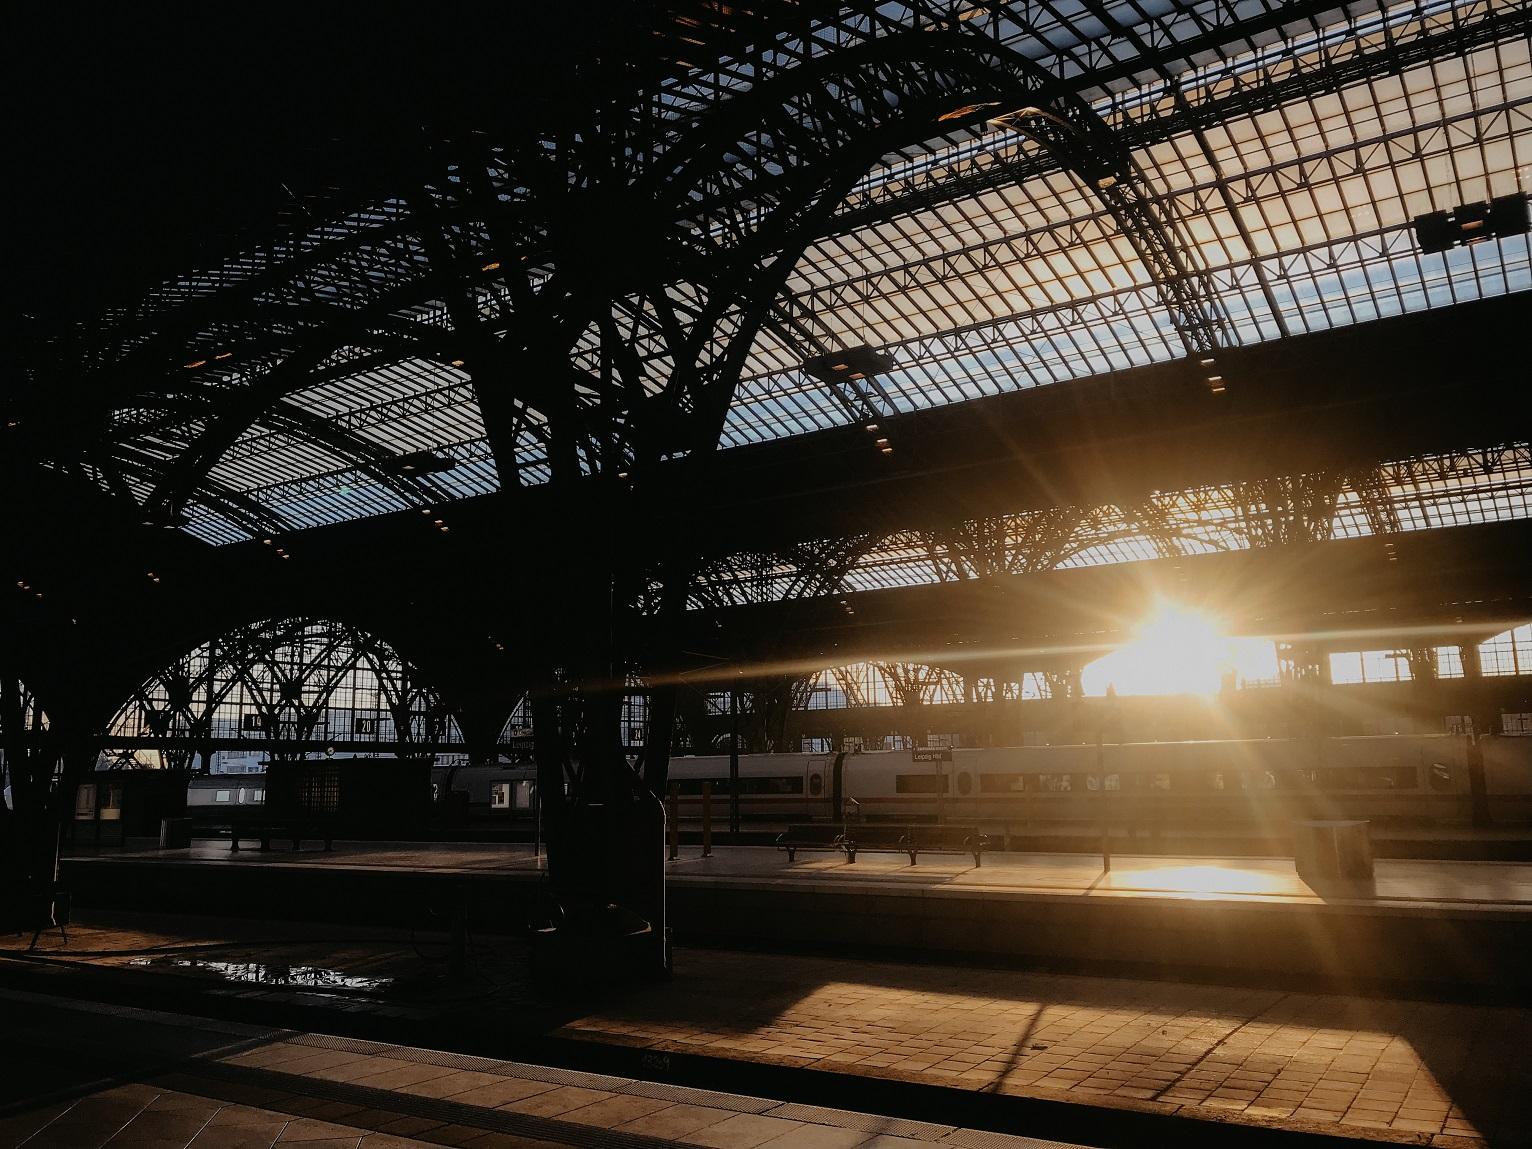 leipzig-hauptbahnhof-hbf-sonnenaufgang